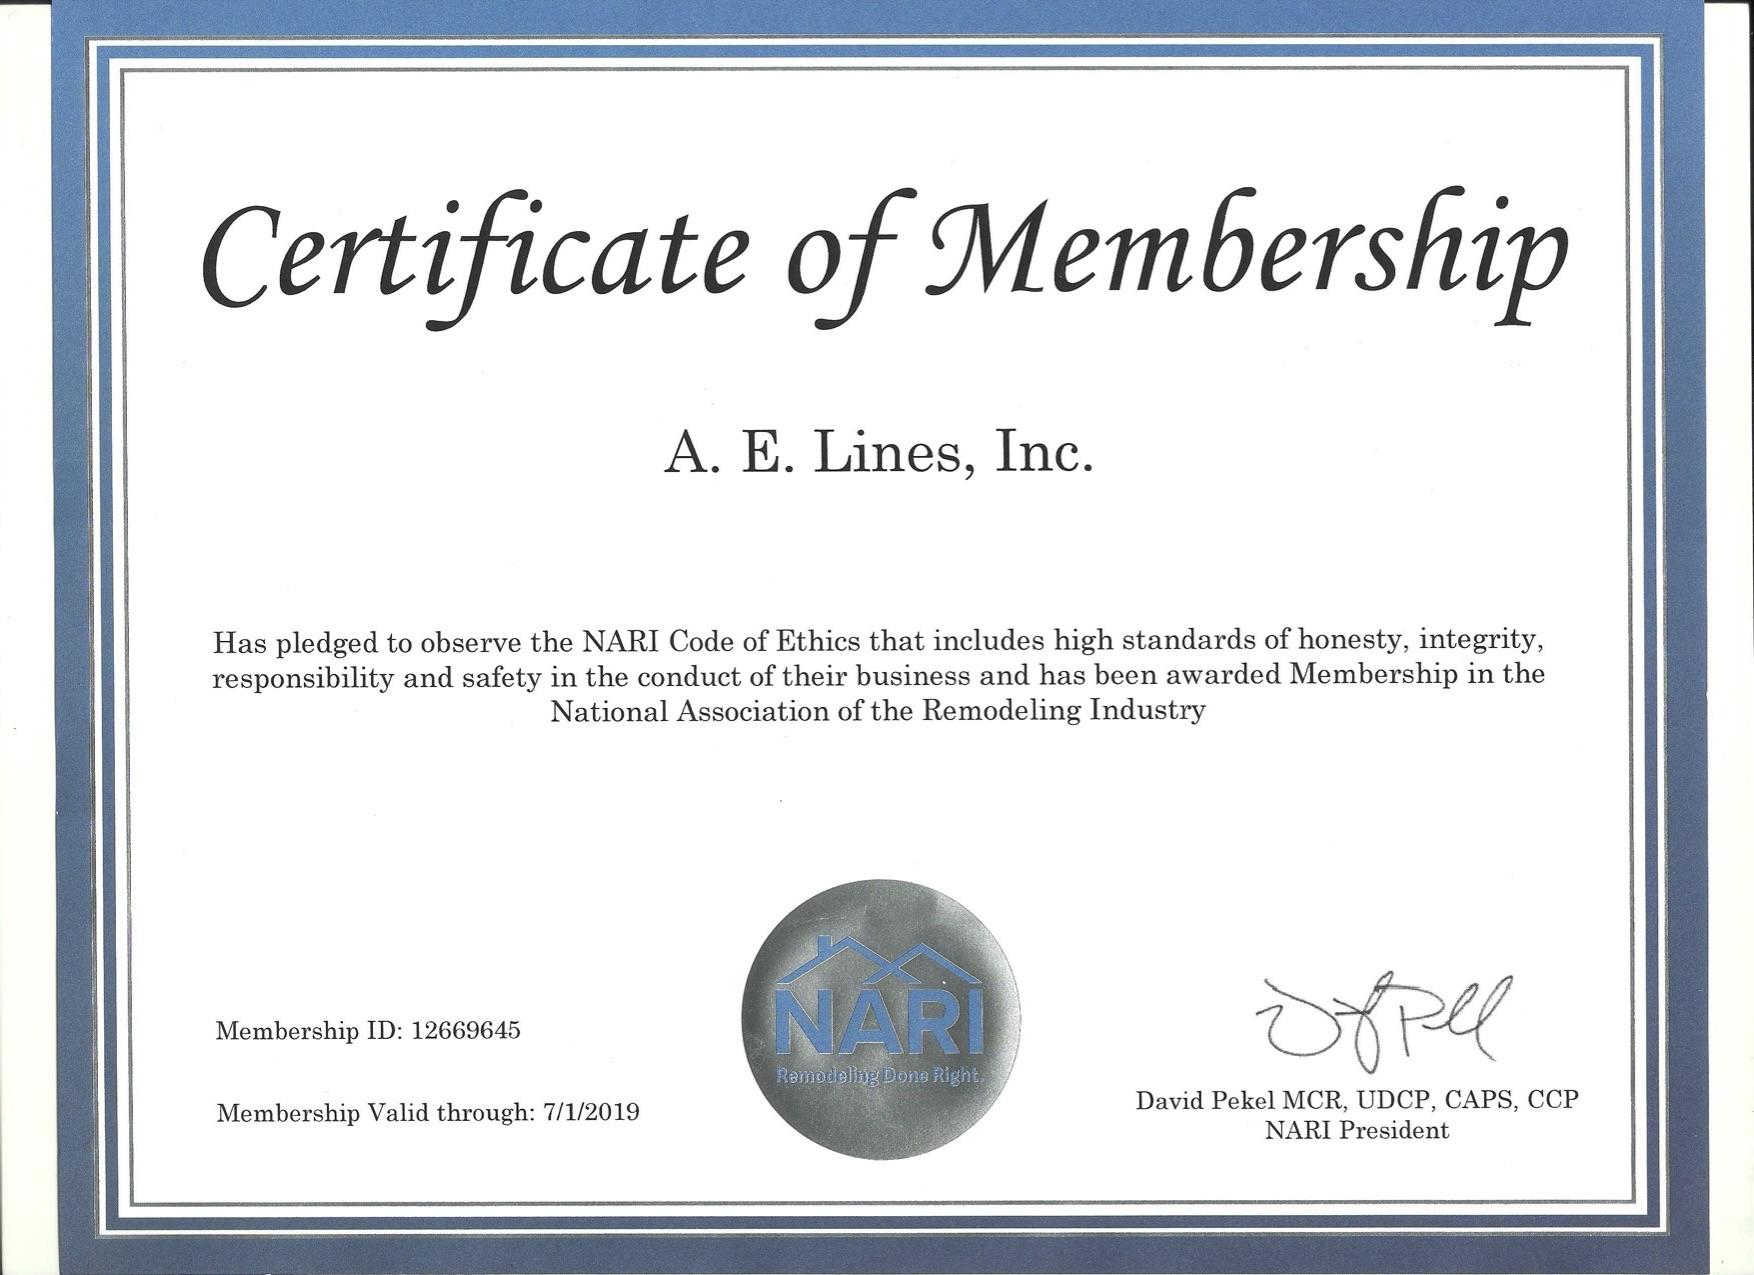 NARI Certificate